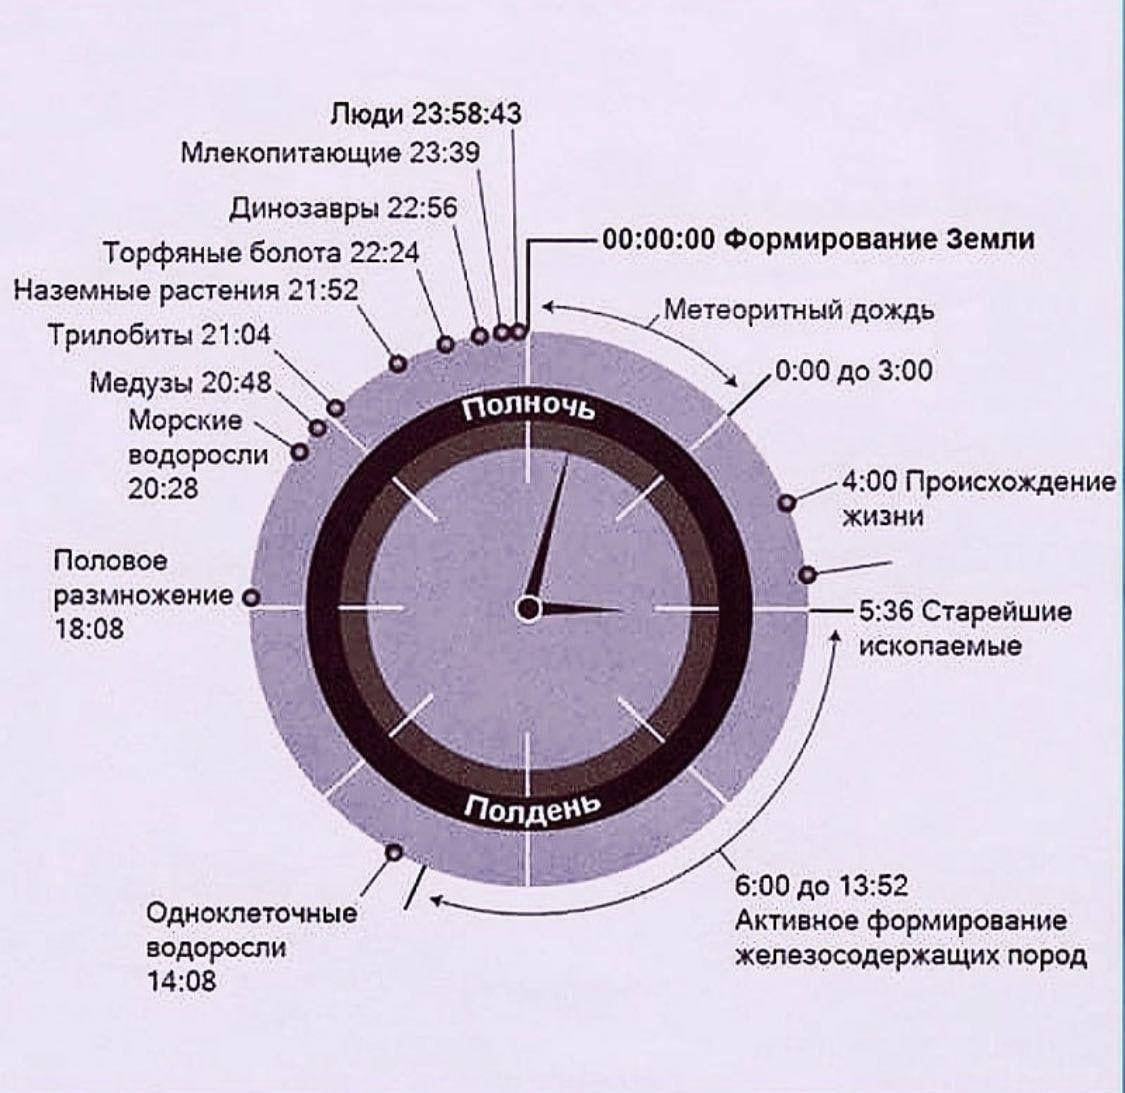 История Земли, ужатая до 24 часов. Люди появились чуть больше минуты назад :–)